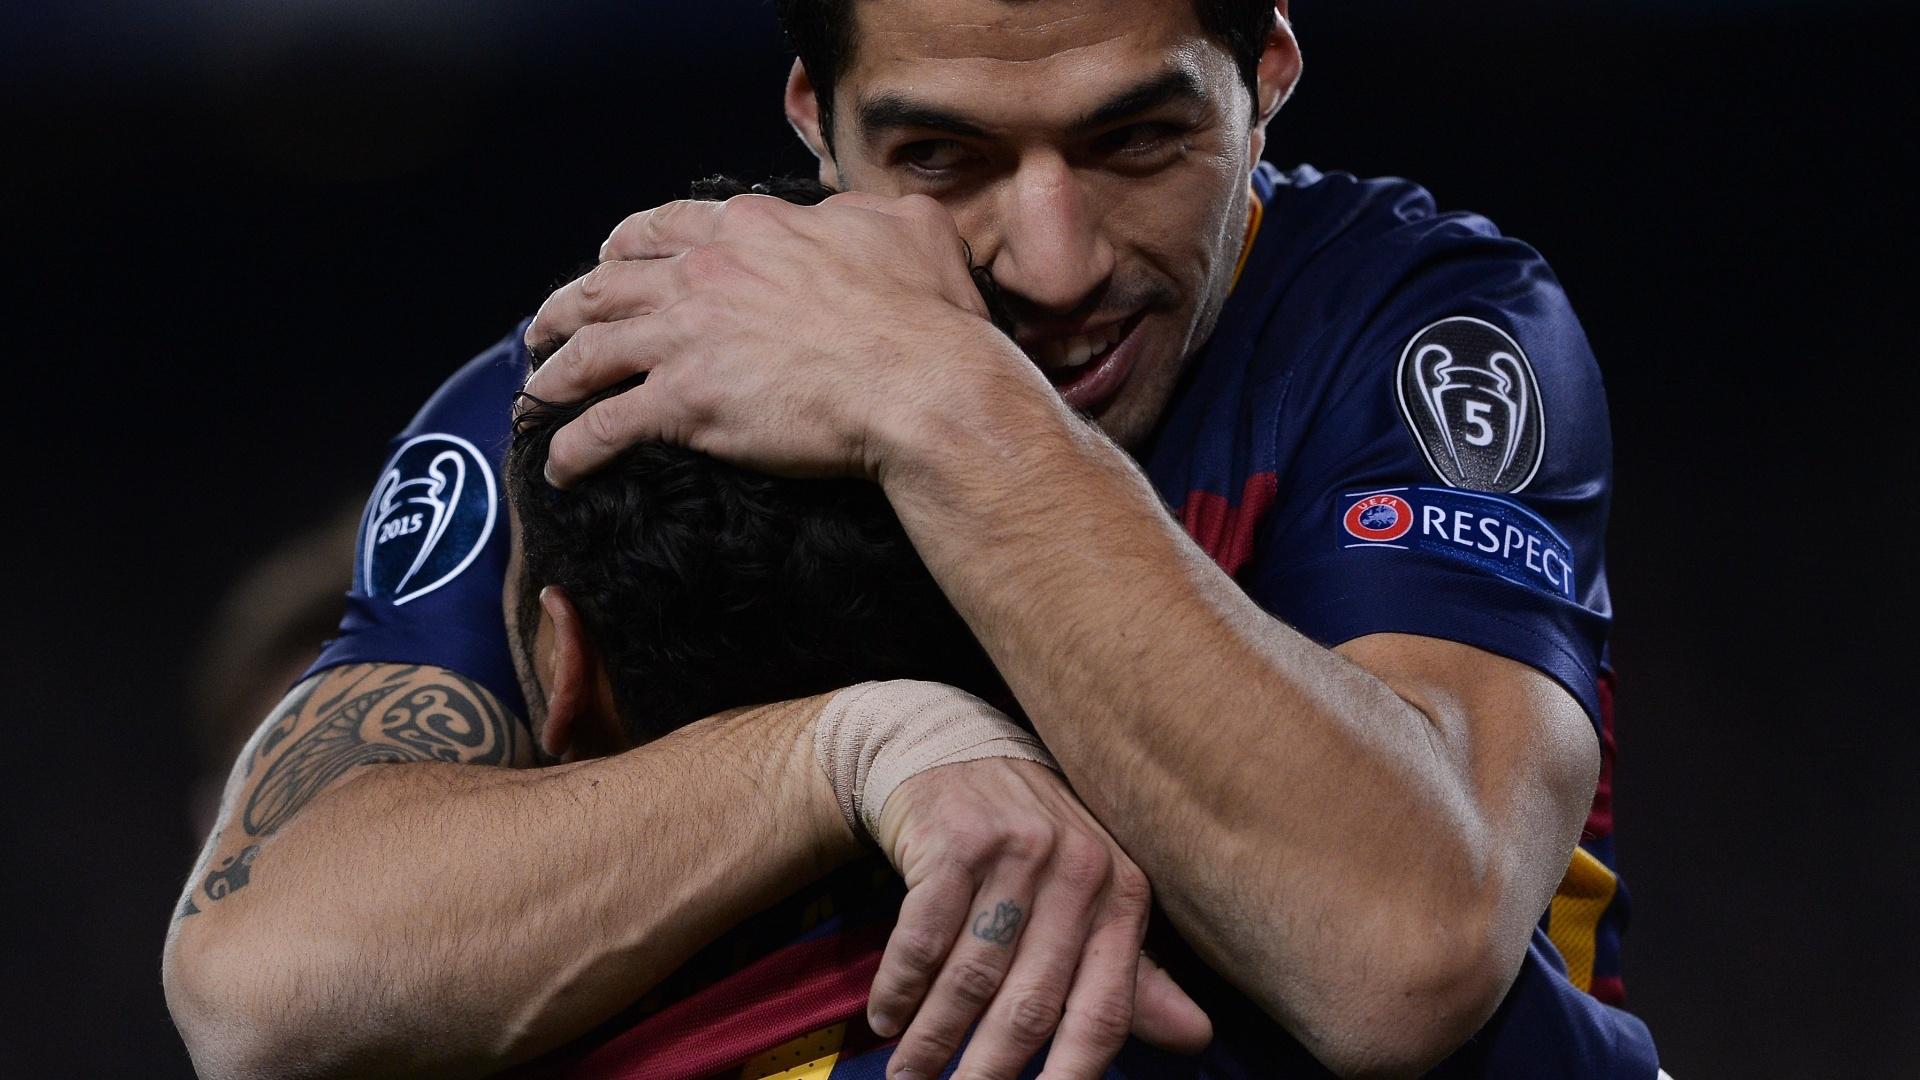 Luis Suárez abraça Daniel Alves para agradecer pelo passe que resultou no primeiro gol do Barça contra a Roma